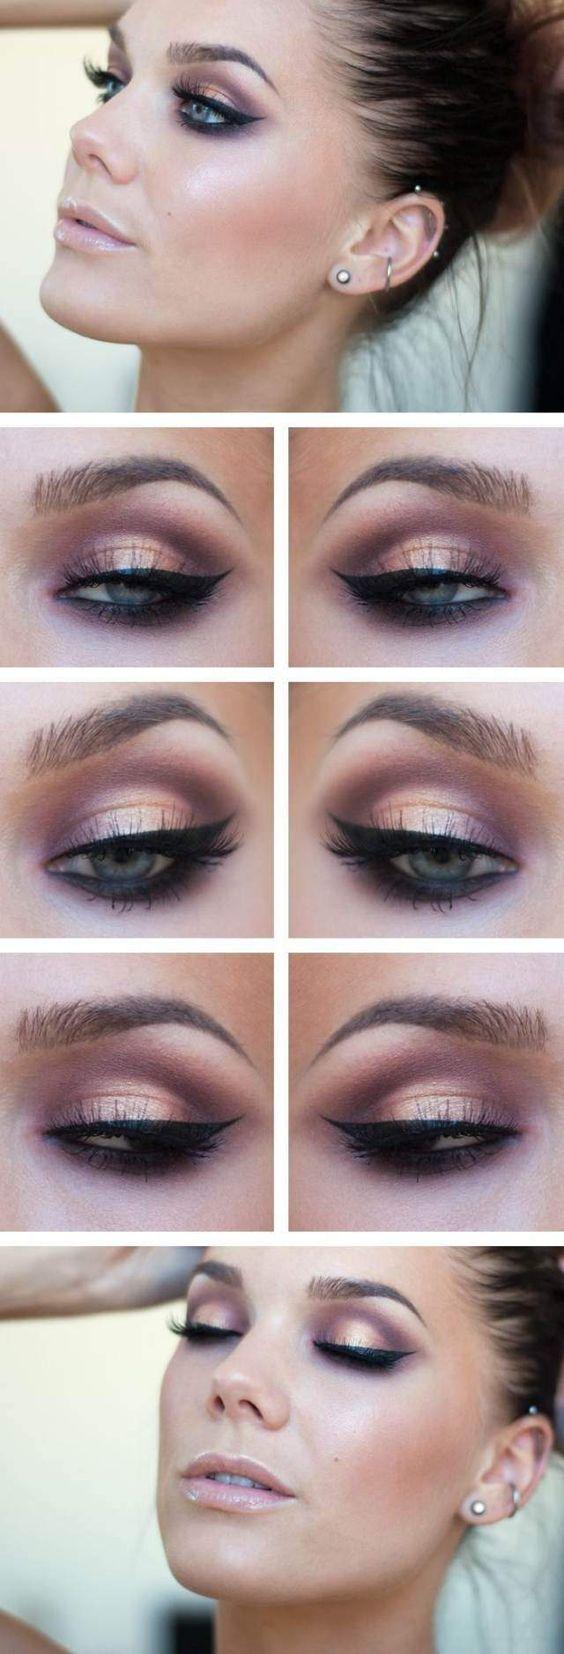 beau maquillage des yeux - trait d'eye-liner épais et fard à paupières rose